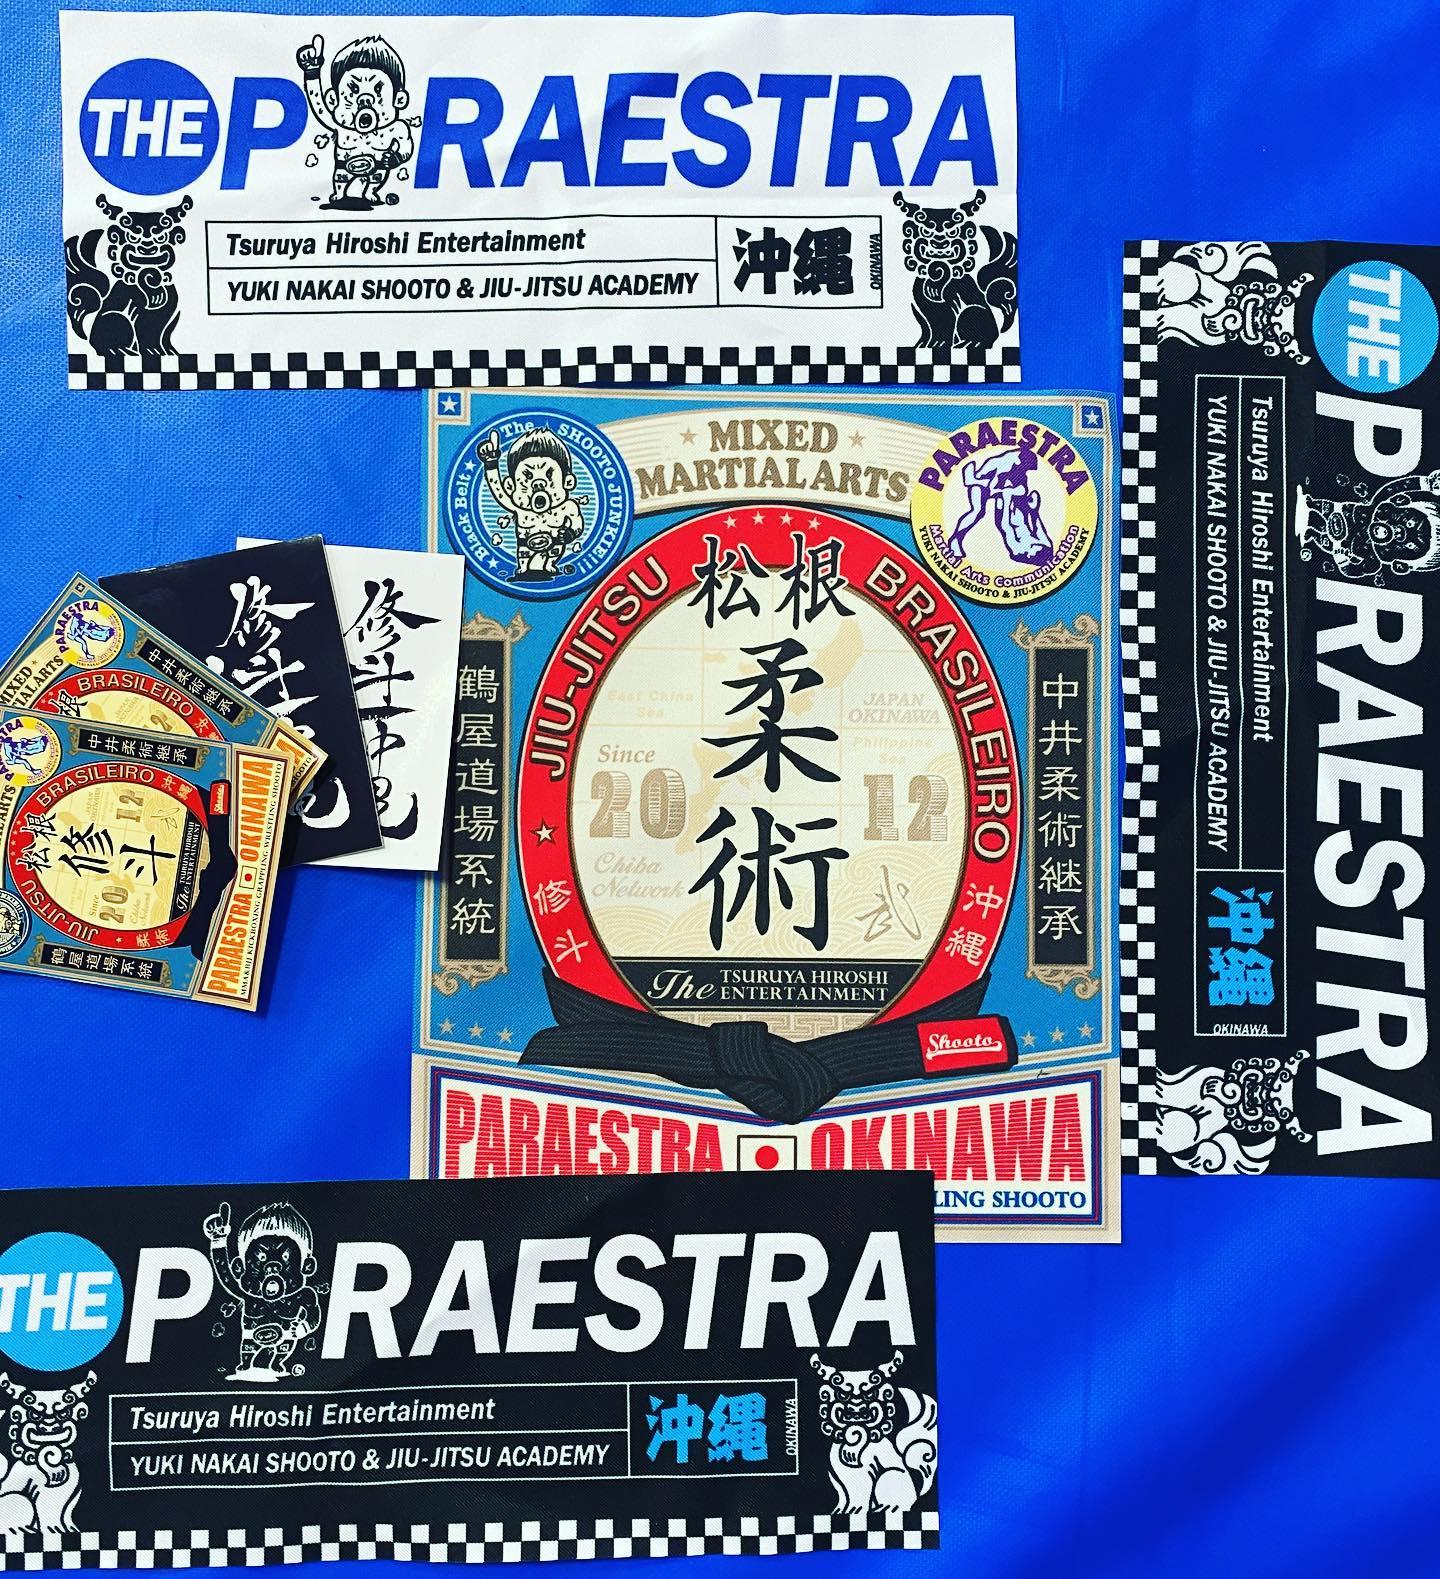 先日パラエストラ千葉のキッズクラスの親御様から子供が欲しがっている、との事でパラエストラ沖縄のパッチを注文していただきました。自分がパラエストラ千葉キッズクラスを任されていたのは2011年までだったのでかれこれ10年前。世代が変わった現在の子がパラエストラ沖縄のパッチを購入してくれて、なんだか最高の気分です。心から感謝。マーシャルアーツコミュニケーション!格闘技は言葉や人種、年齢の壁を越えることができるコミュニケーション!byパレストラ#パラエストラ #沖縄 #那覇 #与儀 #MMA #shooto #コザ #総合格闘技 #修斗 #キックボクシング #柔術 #jiujitsu #ダイエット